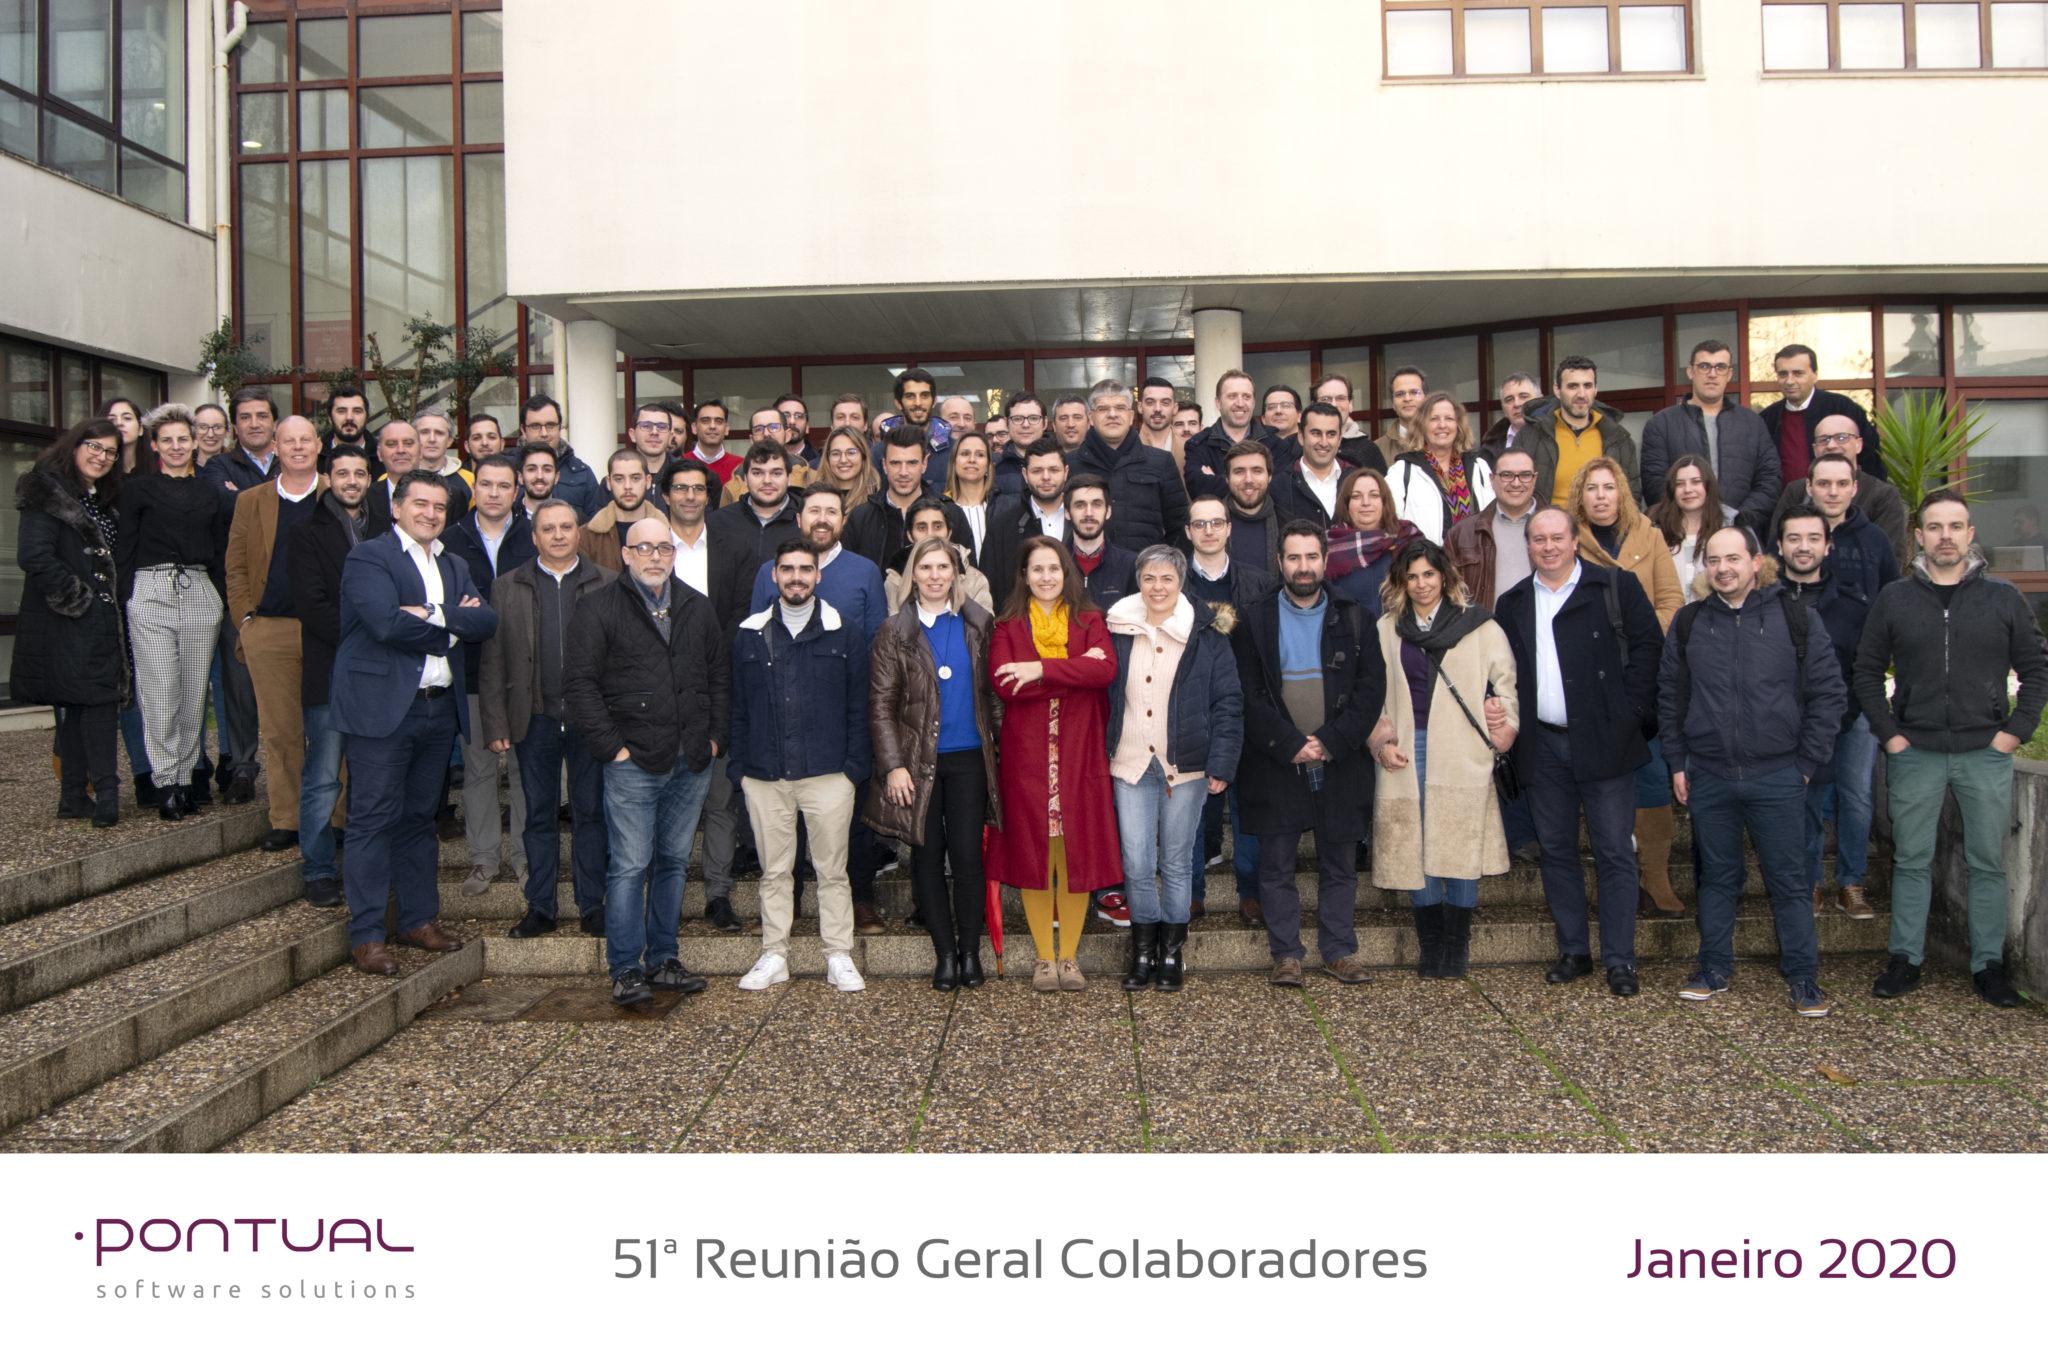 RGC 2020 (Reunião Geral de Colaboradores) 5